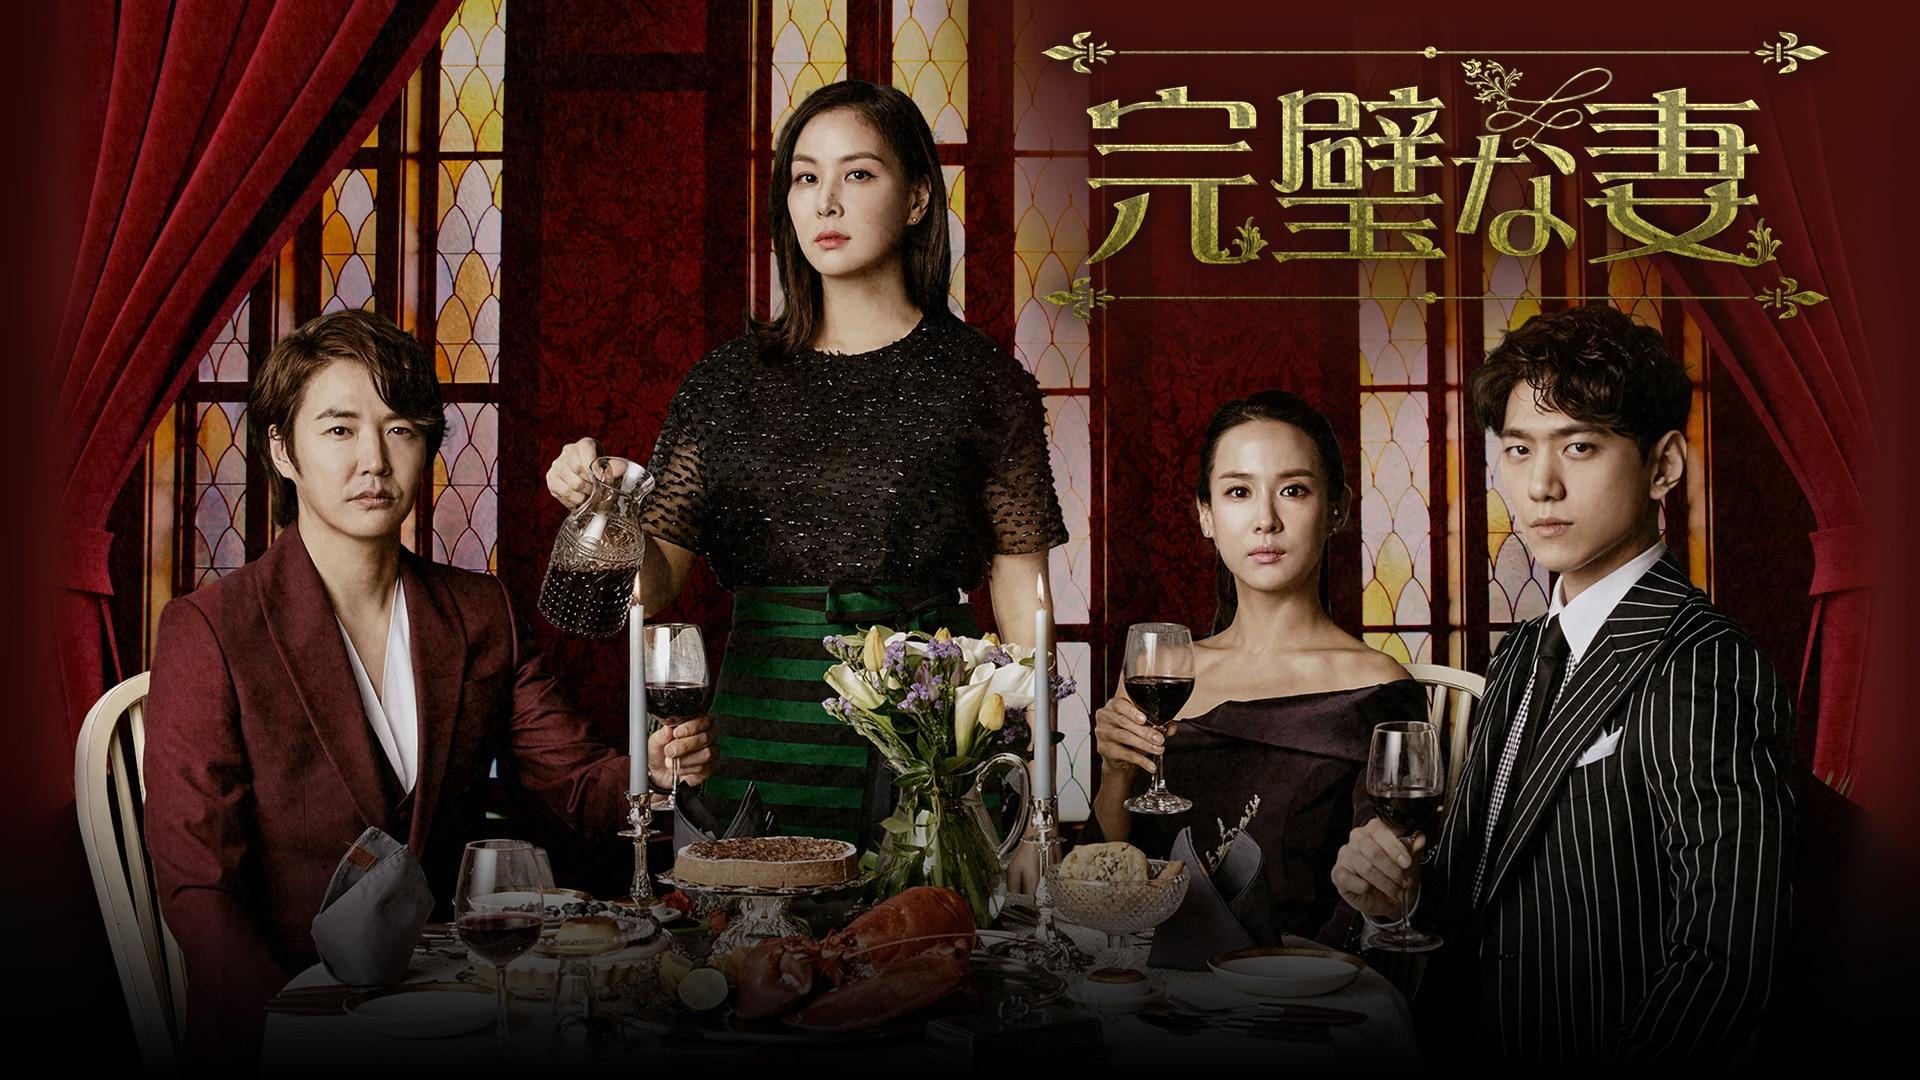 完璧な妻-韓国ドラマ